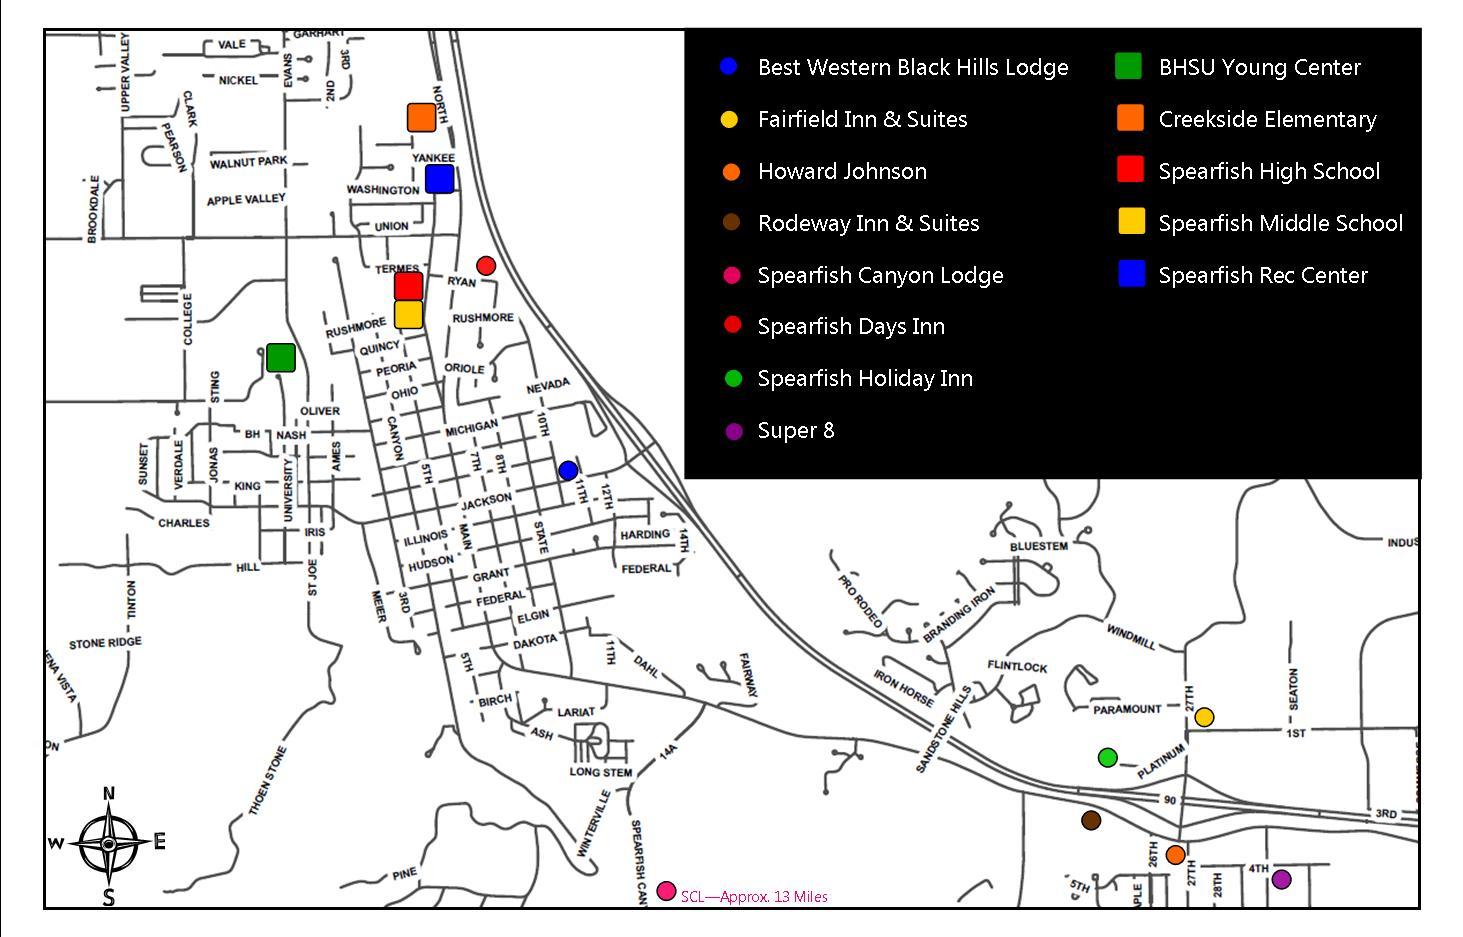 Queen City Classic Info